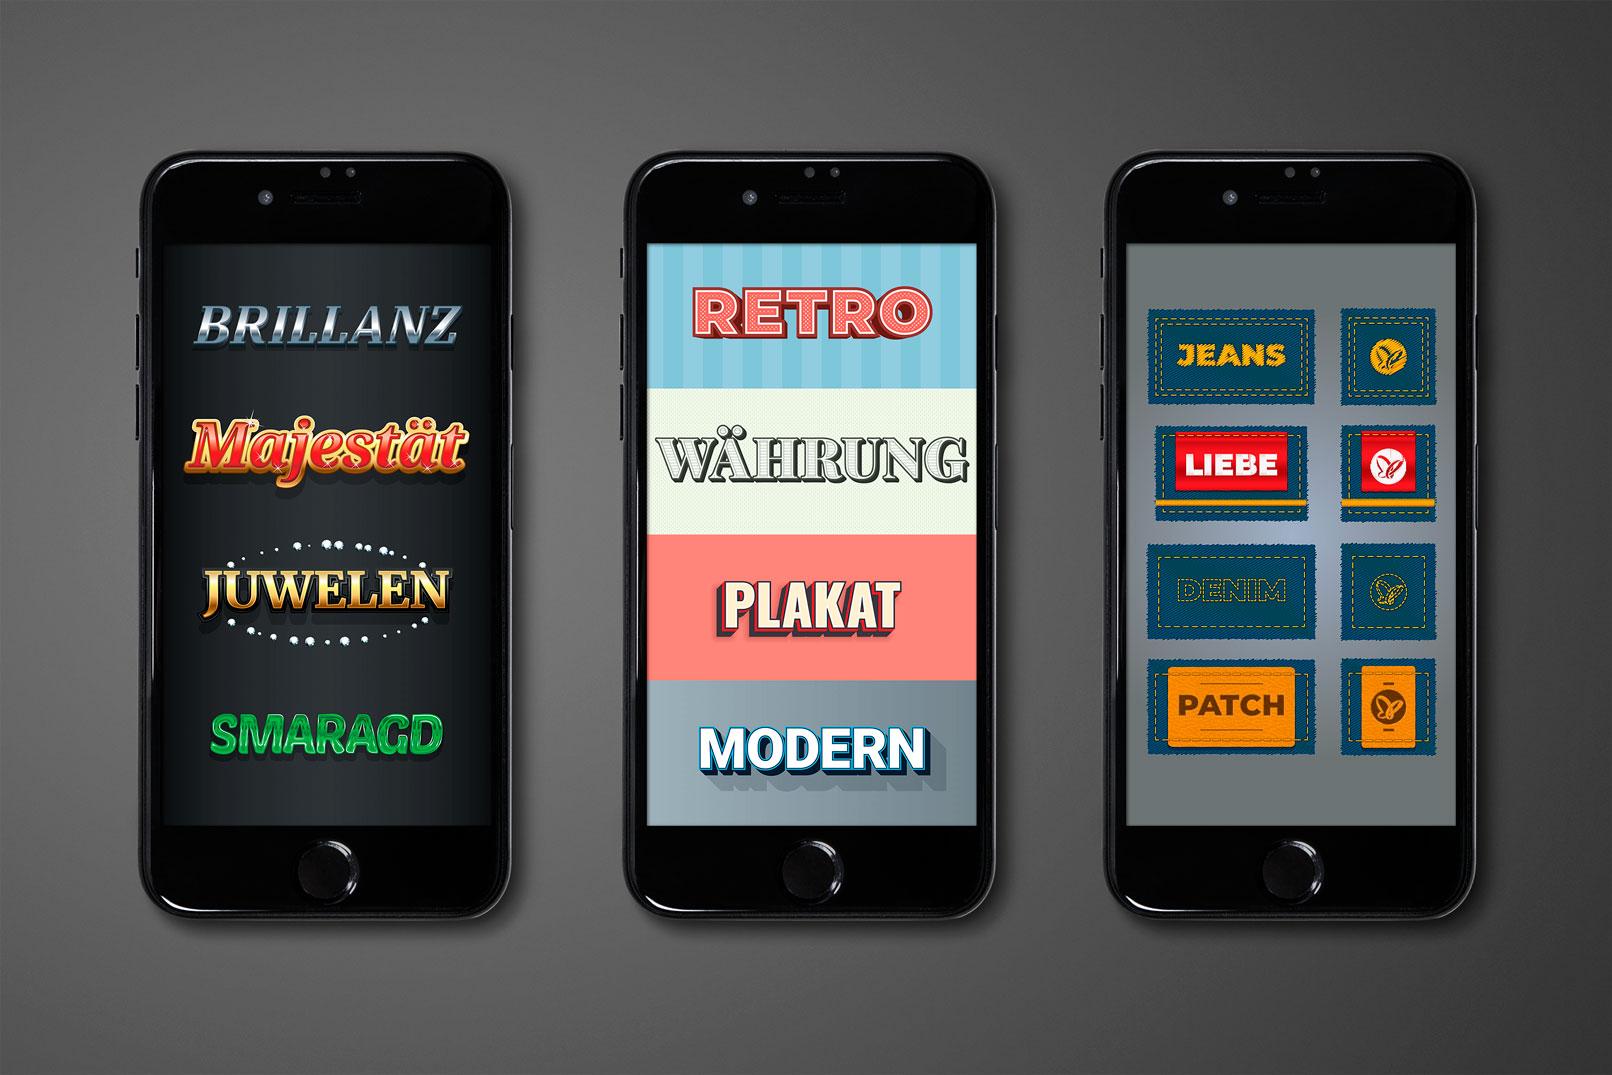 Smartphones zeigen unterschiedliche Looks, die mit den Grafikstilen erzeugt werden können